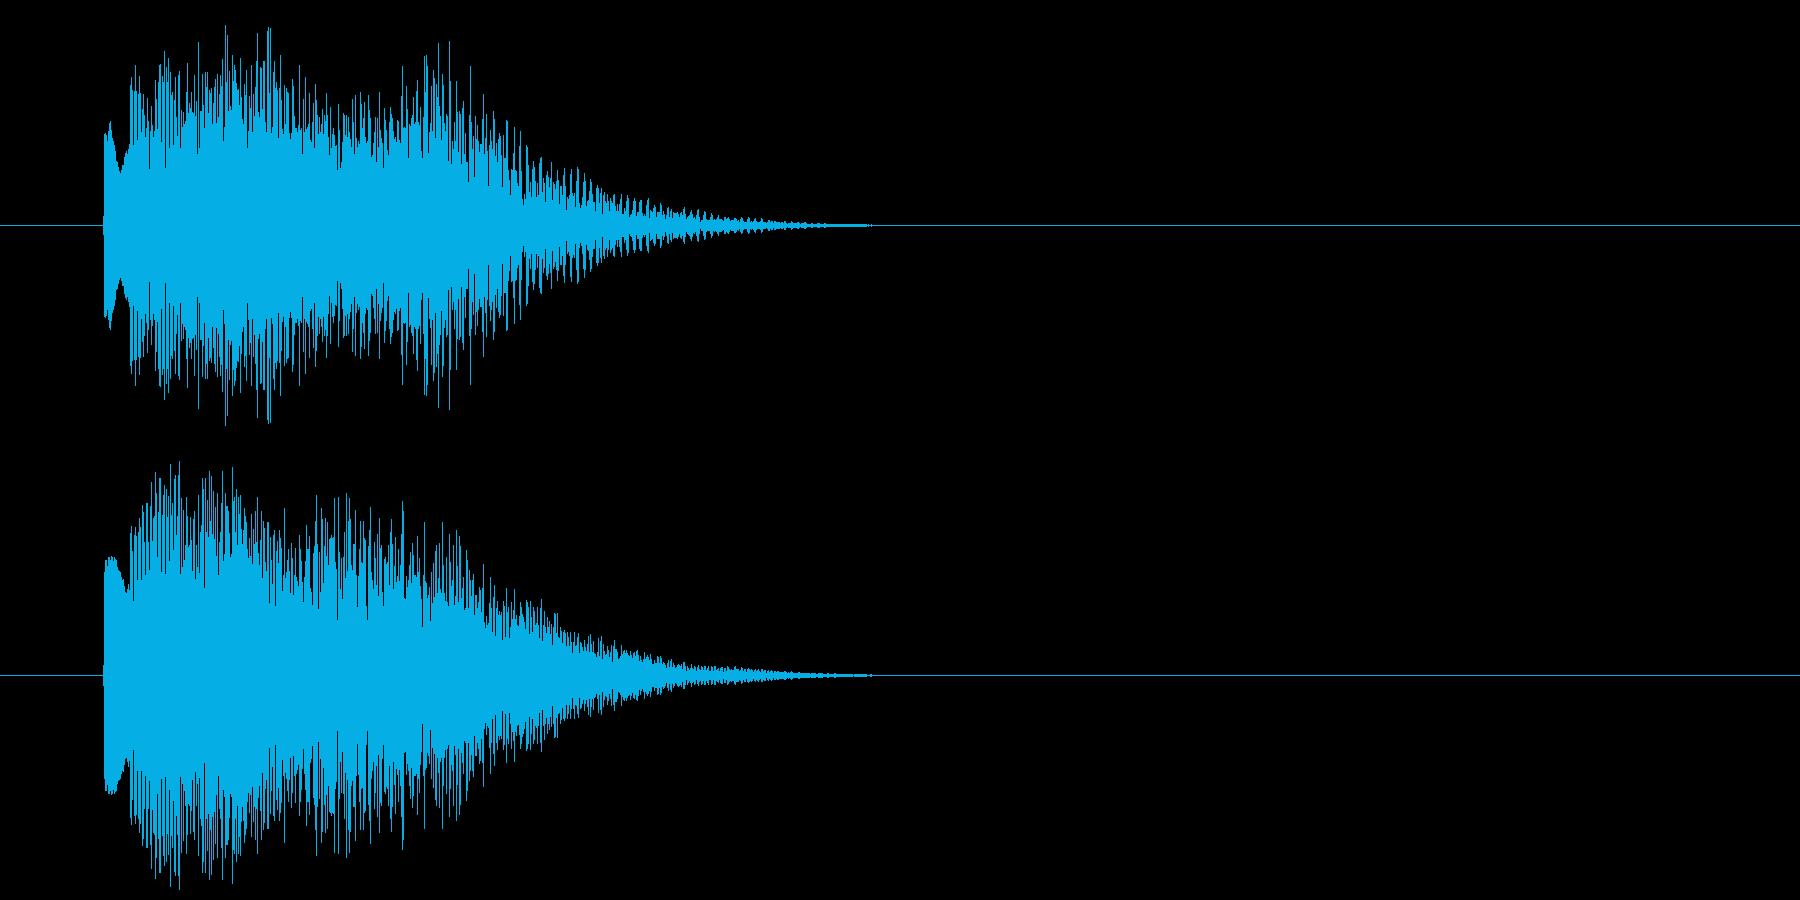 グリッサンド10 キラキラ(下降)の再生済みの波形